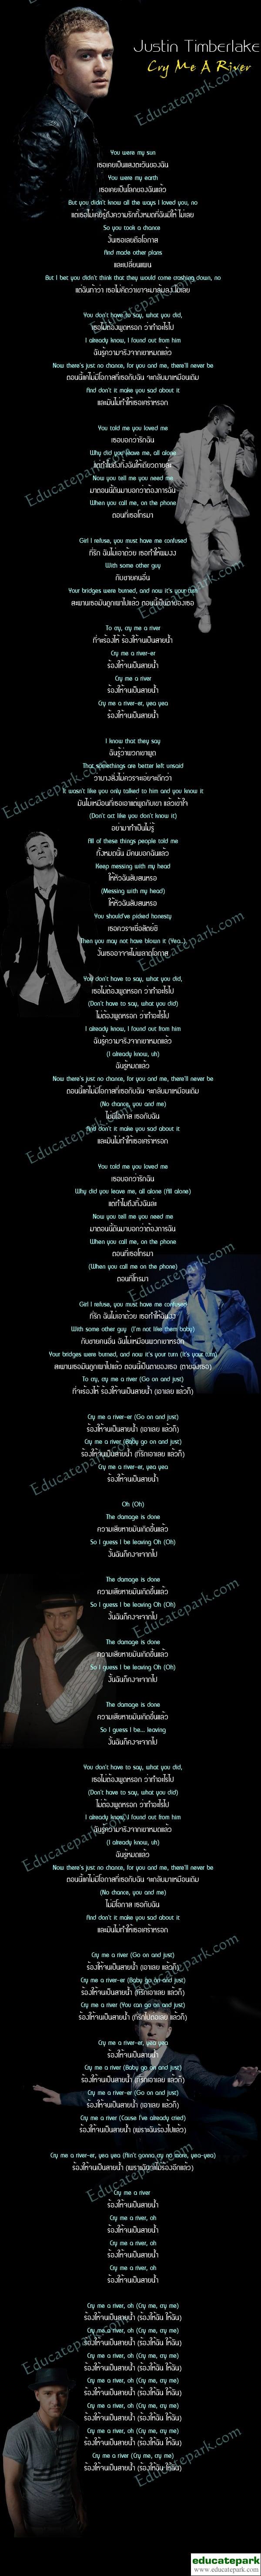 แปลเพลง Cry Me a River - Justin Timberlake